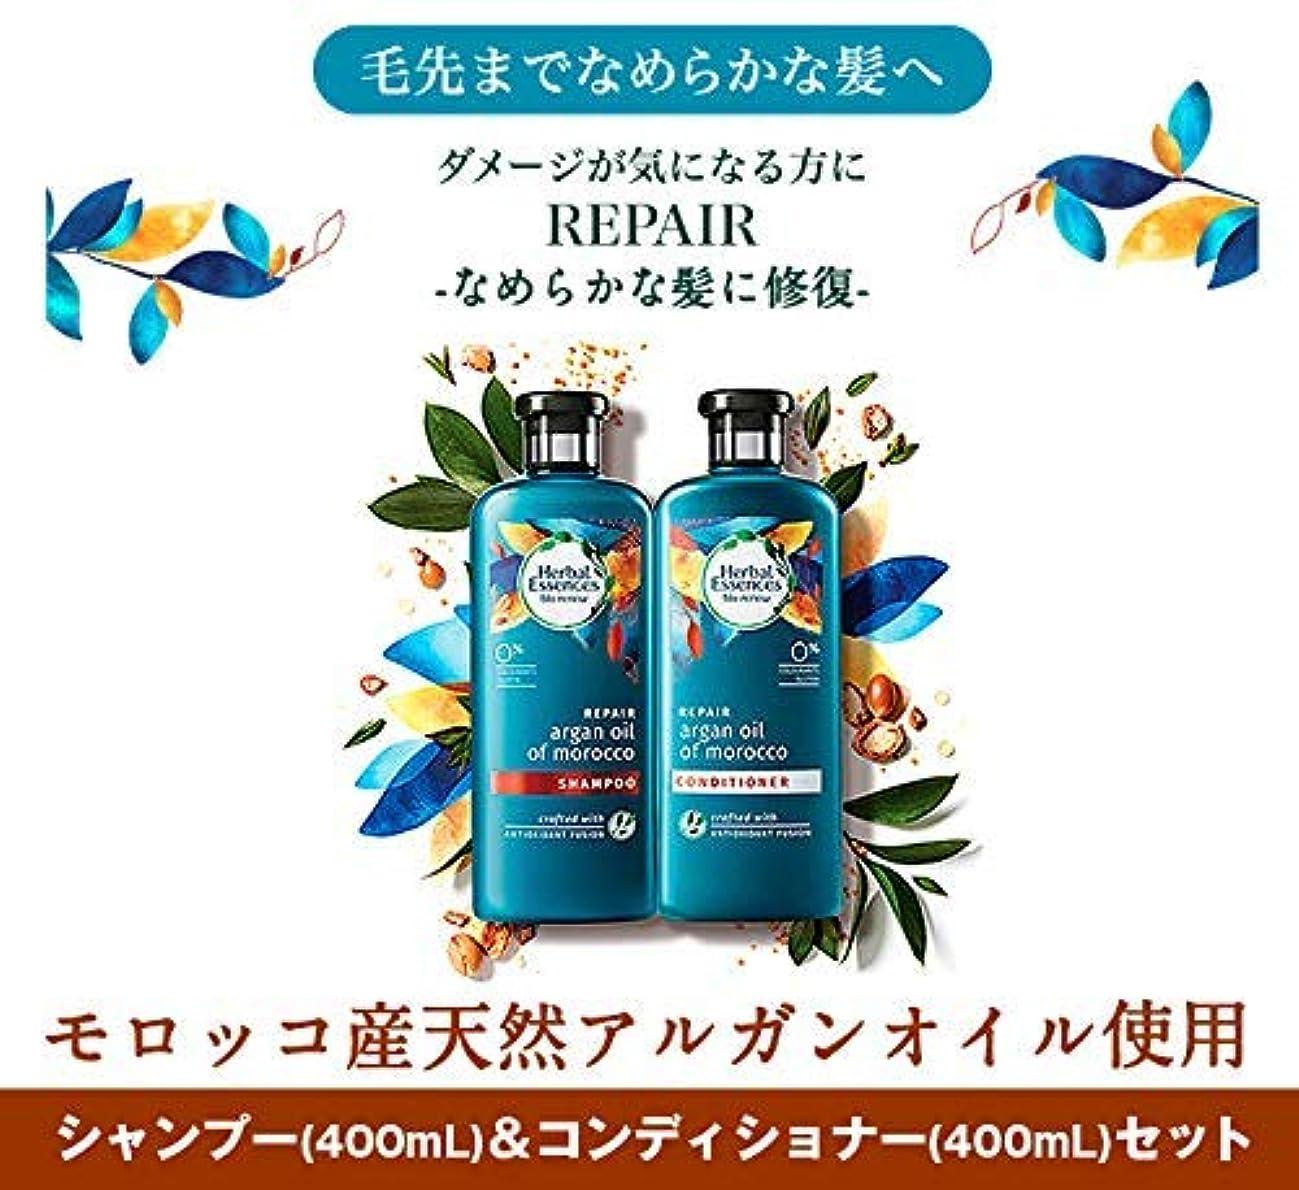 レパートリーネブ方向ハーバルエッセンス ビオリニュー モロッカンオイル リペア ヘアケア シャンプー(400mL) & コンディショナー(400mL) セット モロッコ産アルガンオイル配合 Herbal Essence Shampoo & Conditioner